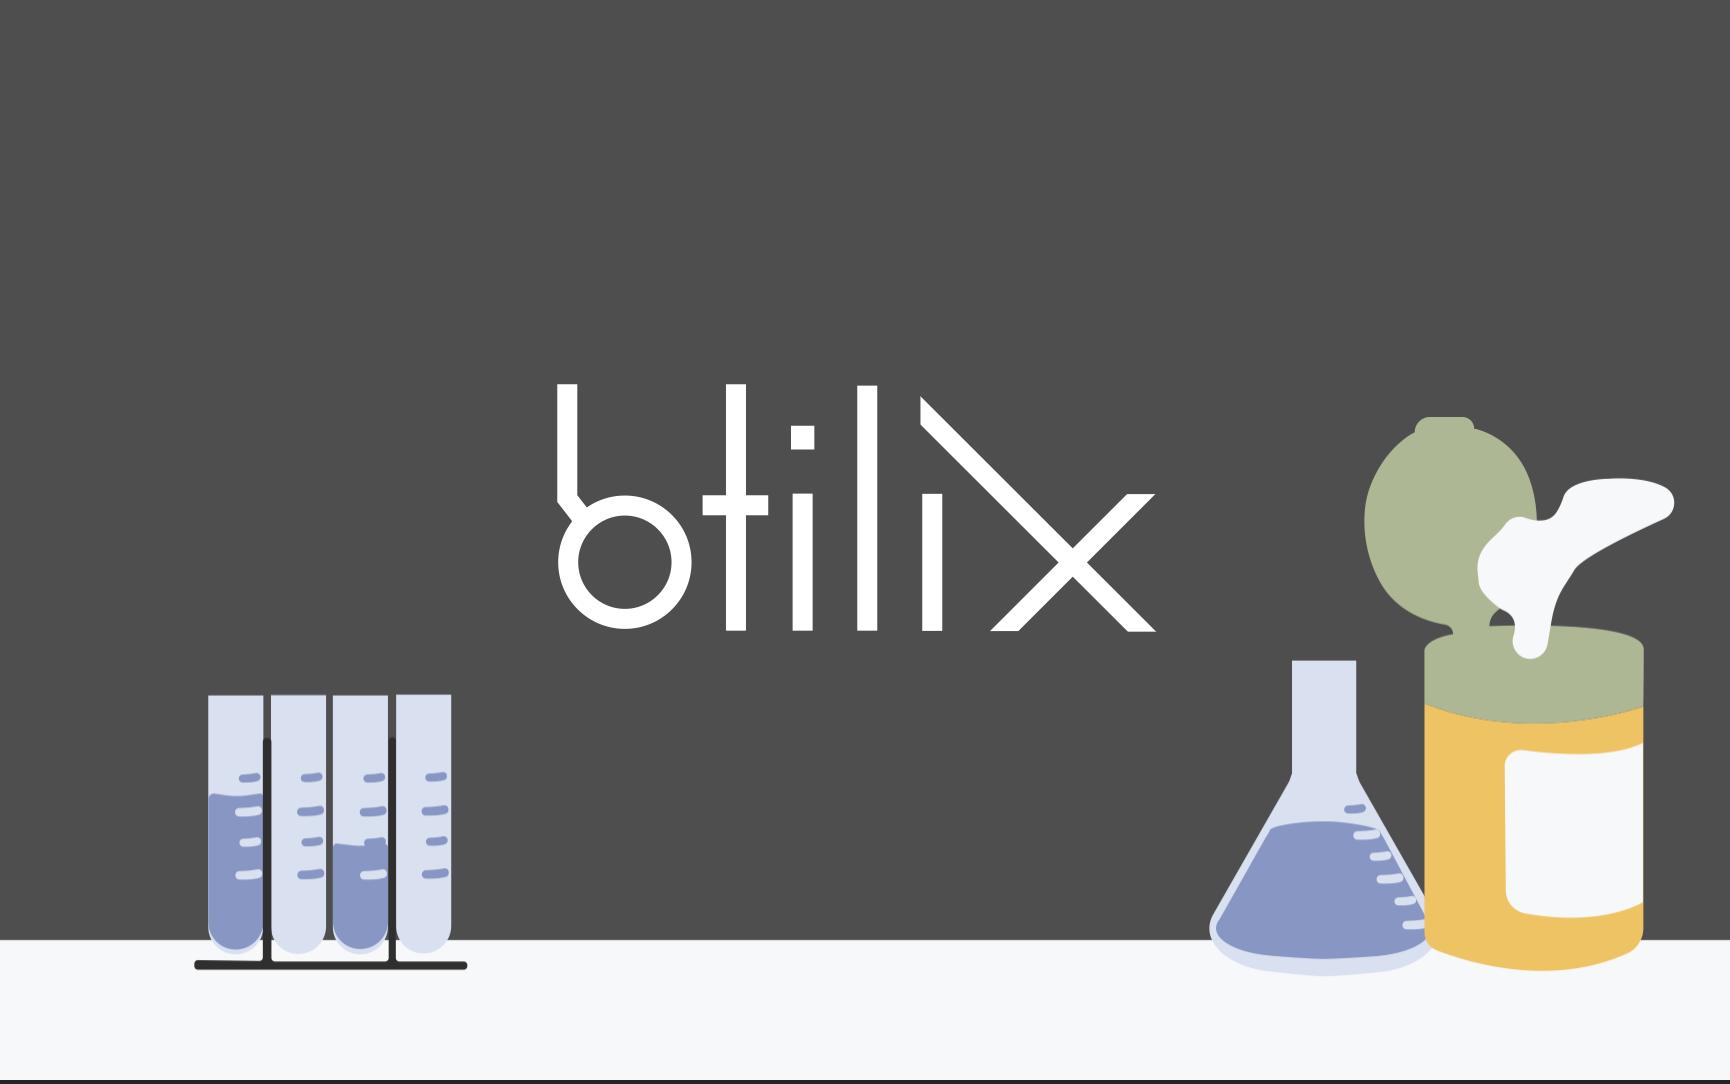 btilix 1.png